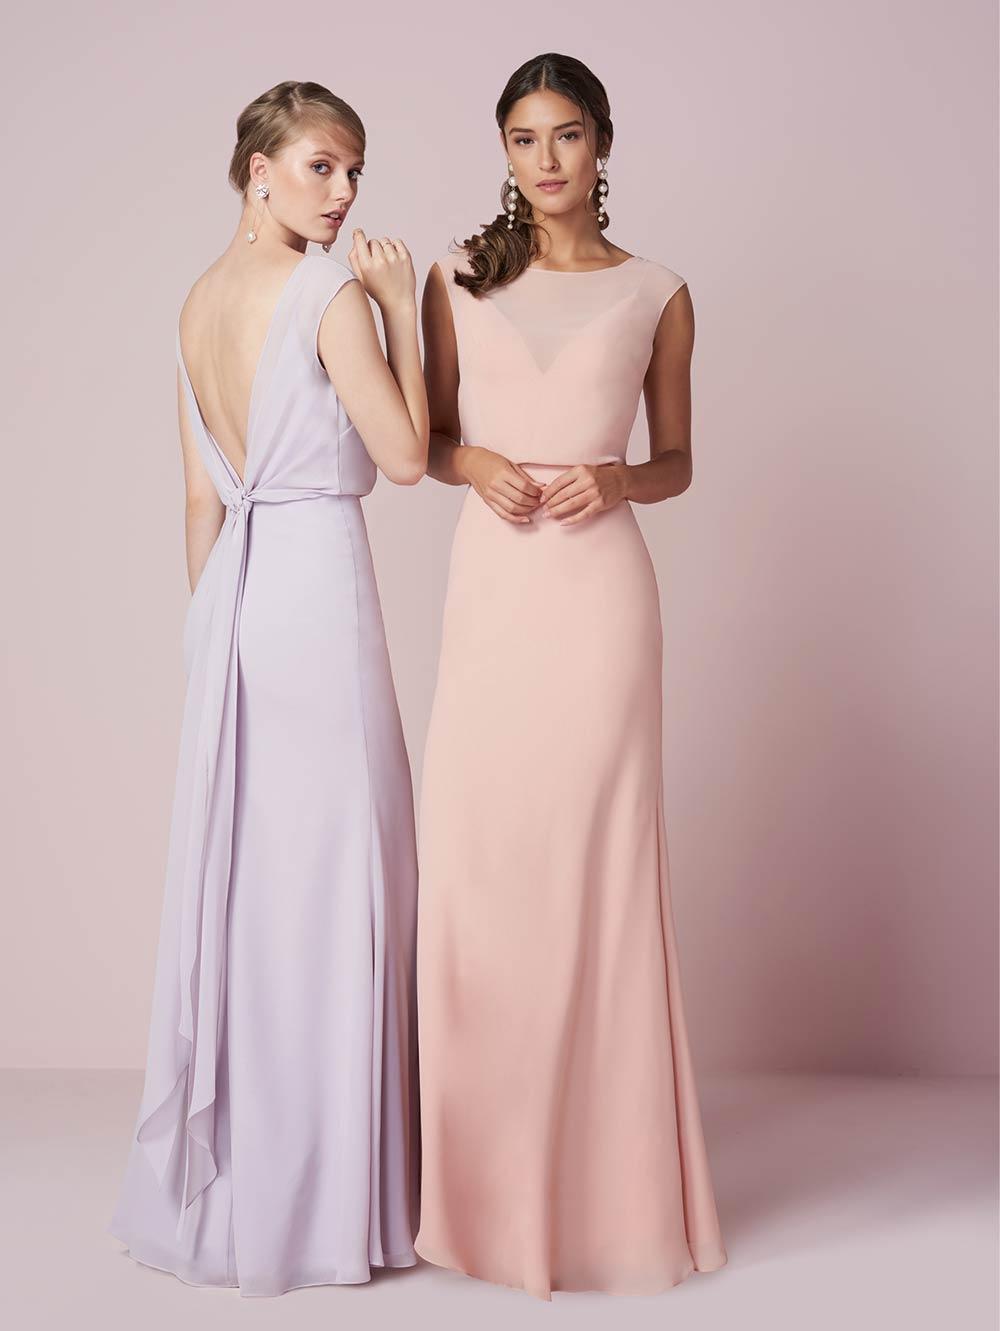 bridesmaid-dresses-jacquelin-bridals-canada-27780